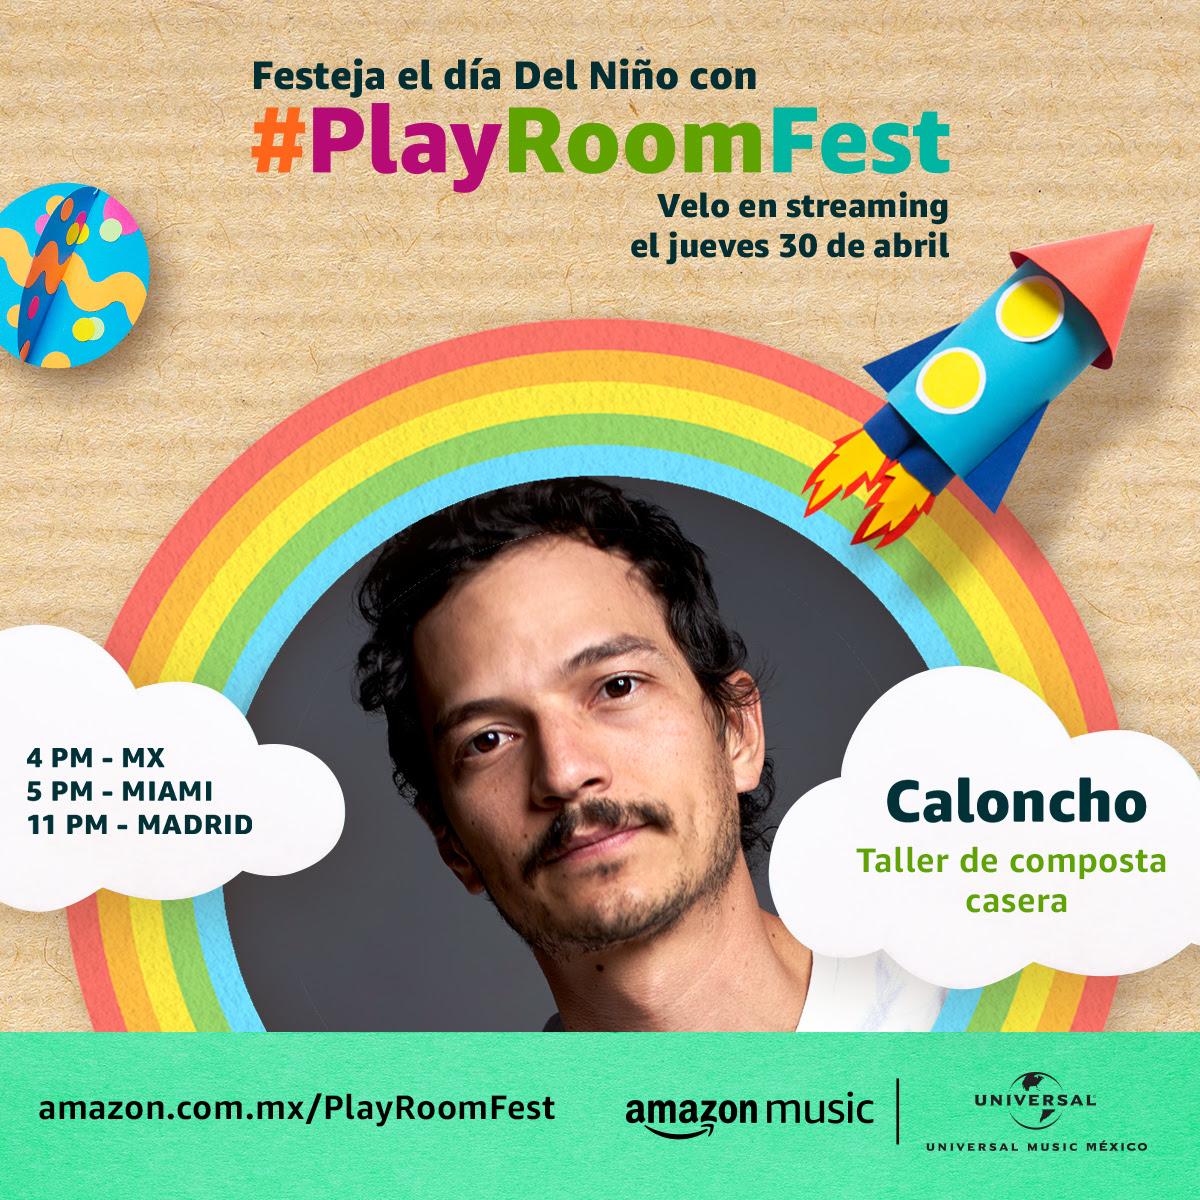 #PlayRoomFest trae a Caloncho y su Taller de composta casera.